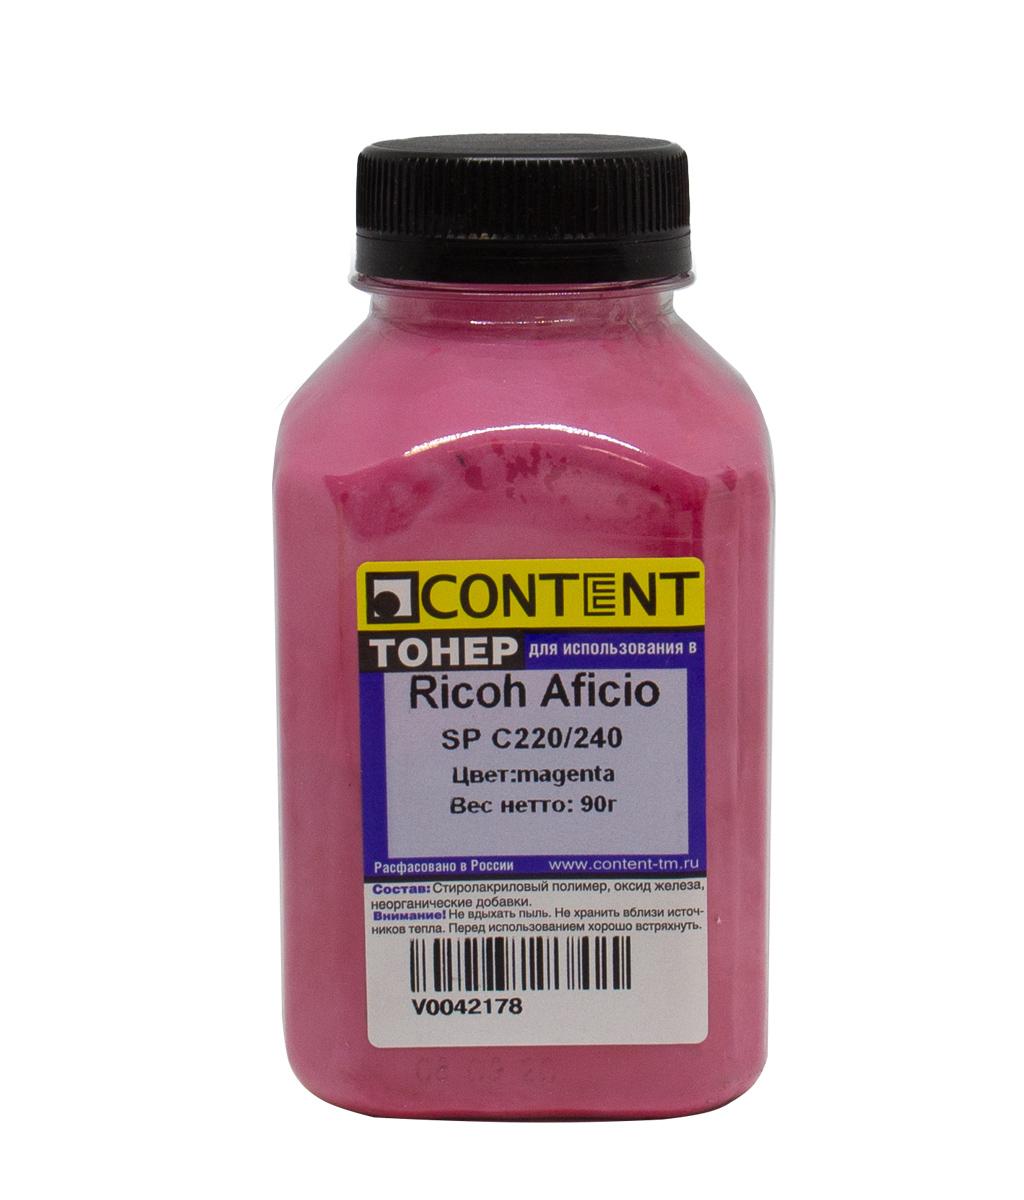 Тонер Content для Ricoh Aficio SP C220/240, M, 90 г, банка